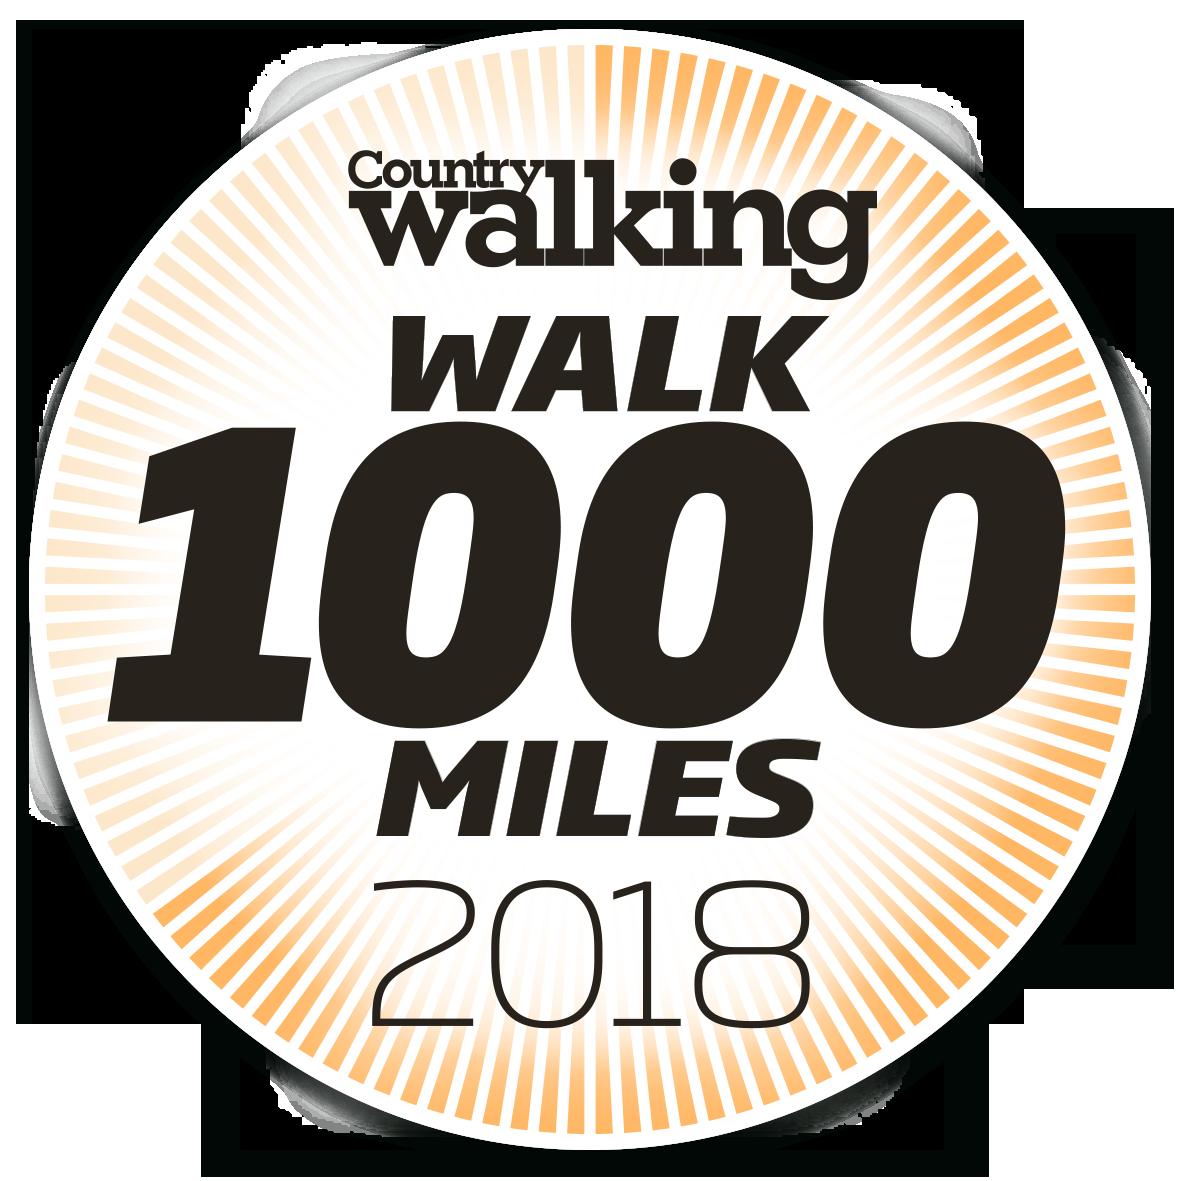 Walk 1000miles 2018 logo.png